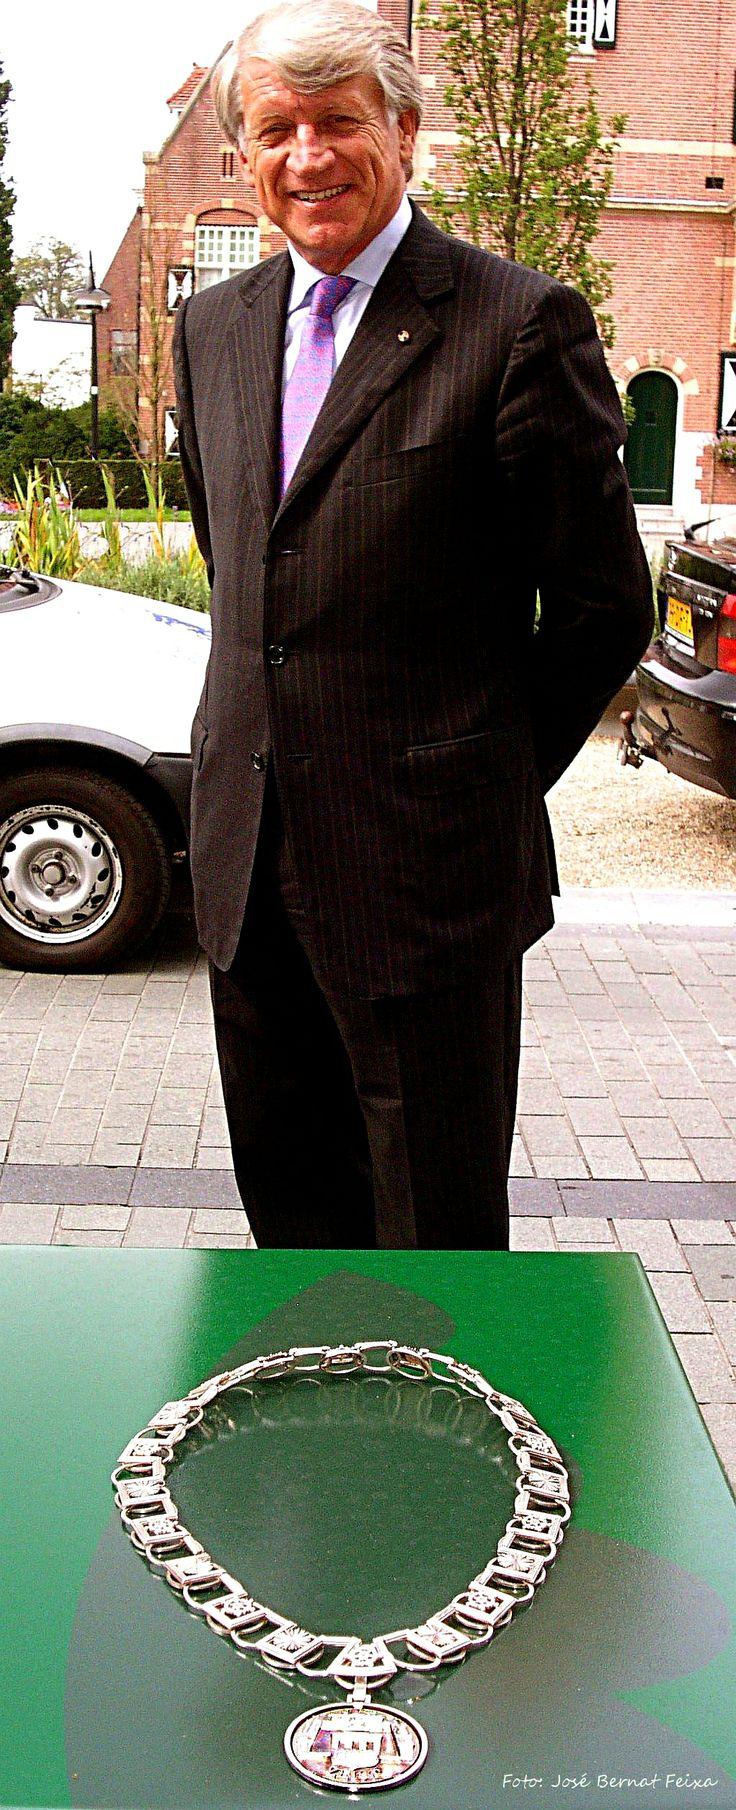 Ambsketen én de voormalige Burgemeester R. Boekhoven, te Zeist (2005)